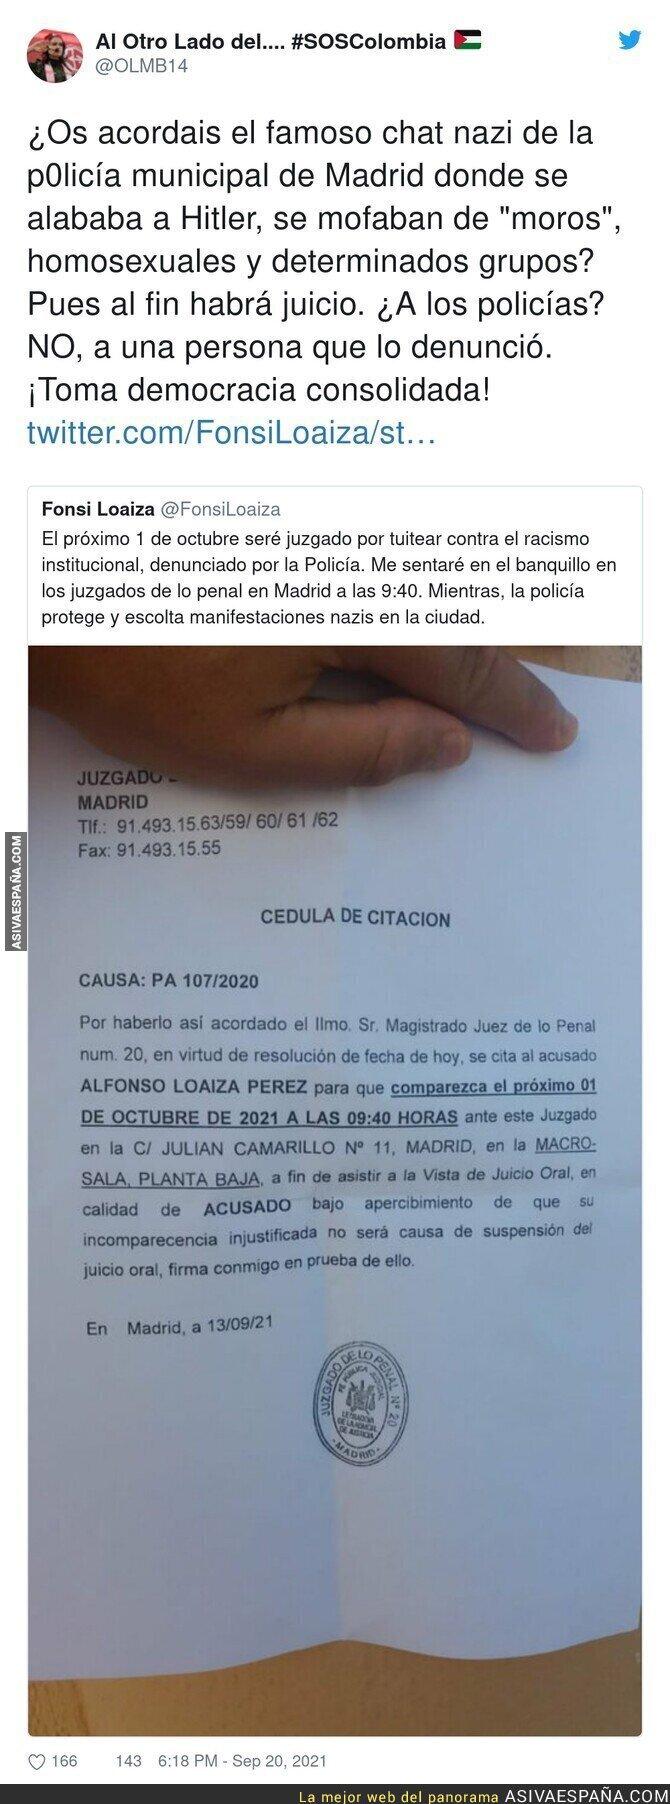 913461 - La España democrática